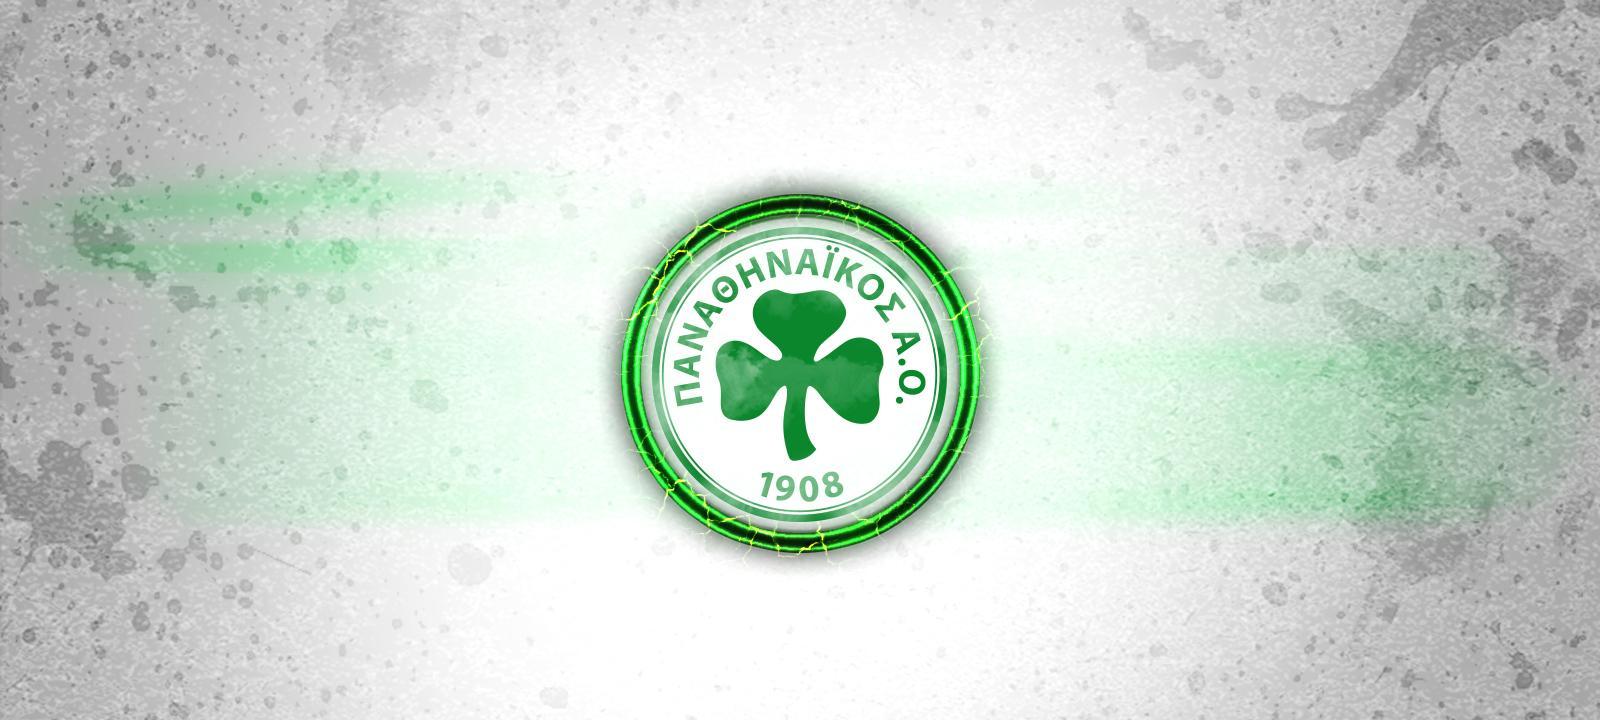 Παναθηναϊκός: Τα «πράσινα» ρεκόρ στη σκοποβολή   panathinaikos24.gr